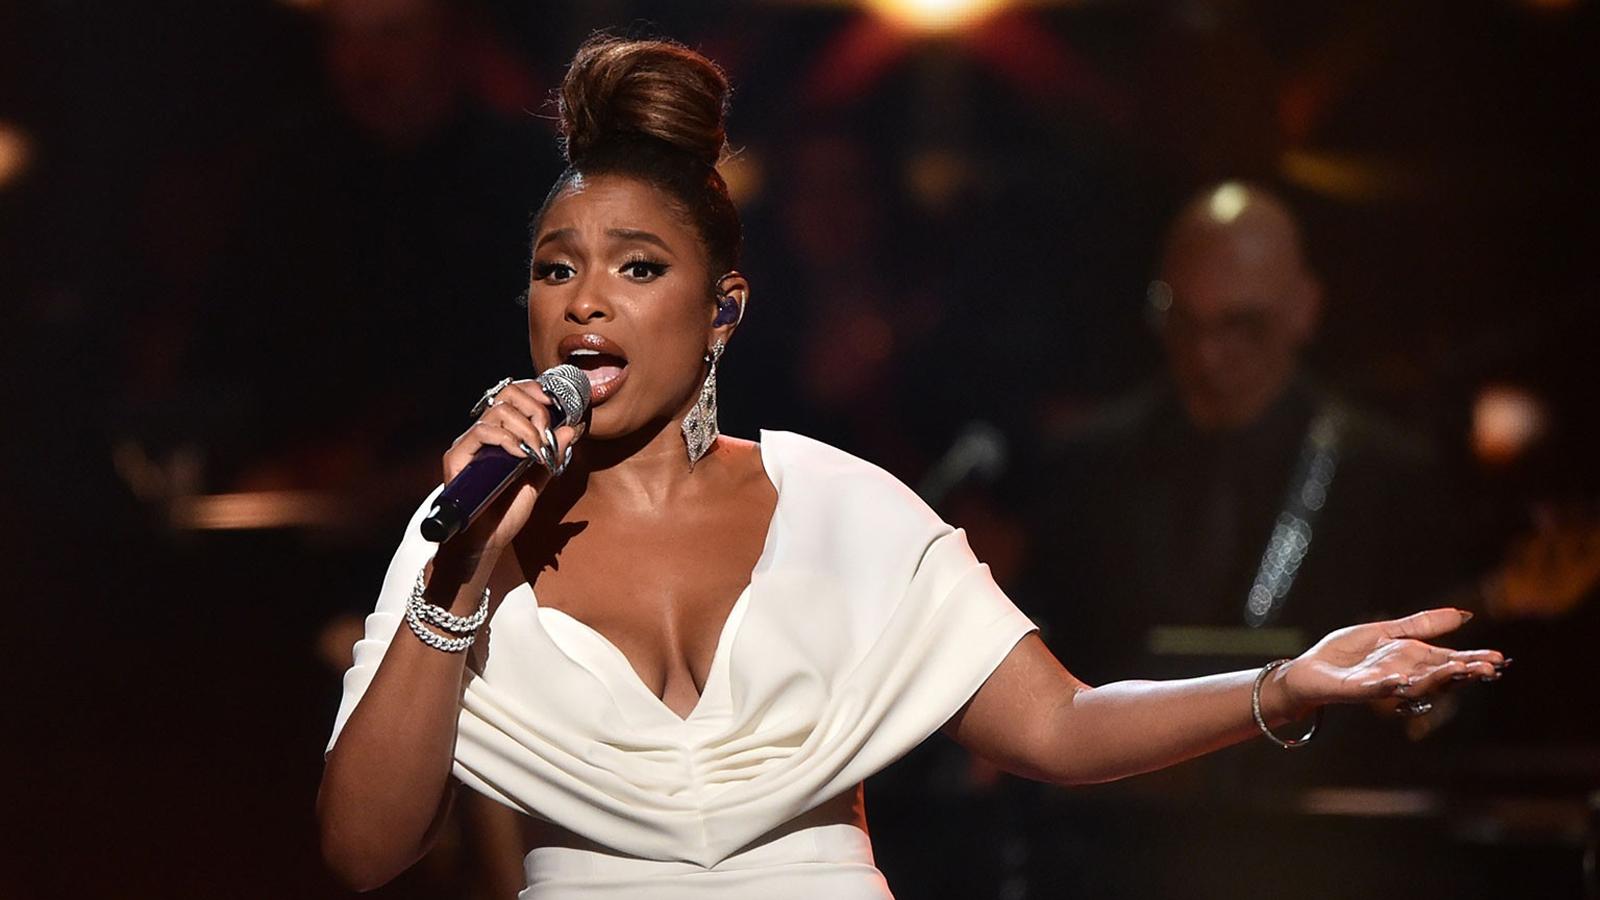 Ca sĩ kiêm diễn viên Jennifer Hudson sẽ sang tuổi 40 hôm 12/9. Gần đây, cô tập trung cho dự án phim Respect, về cuộc đời danh ca Aretha Franklin. Ảnh: Billboard.